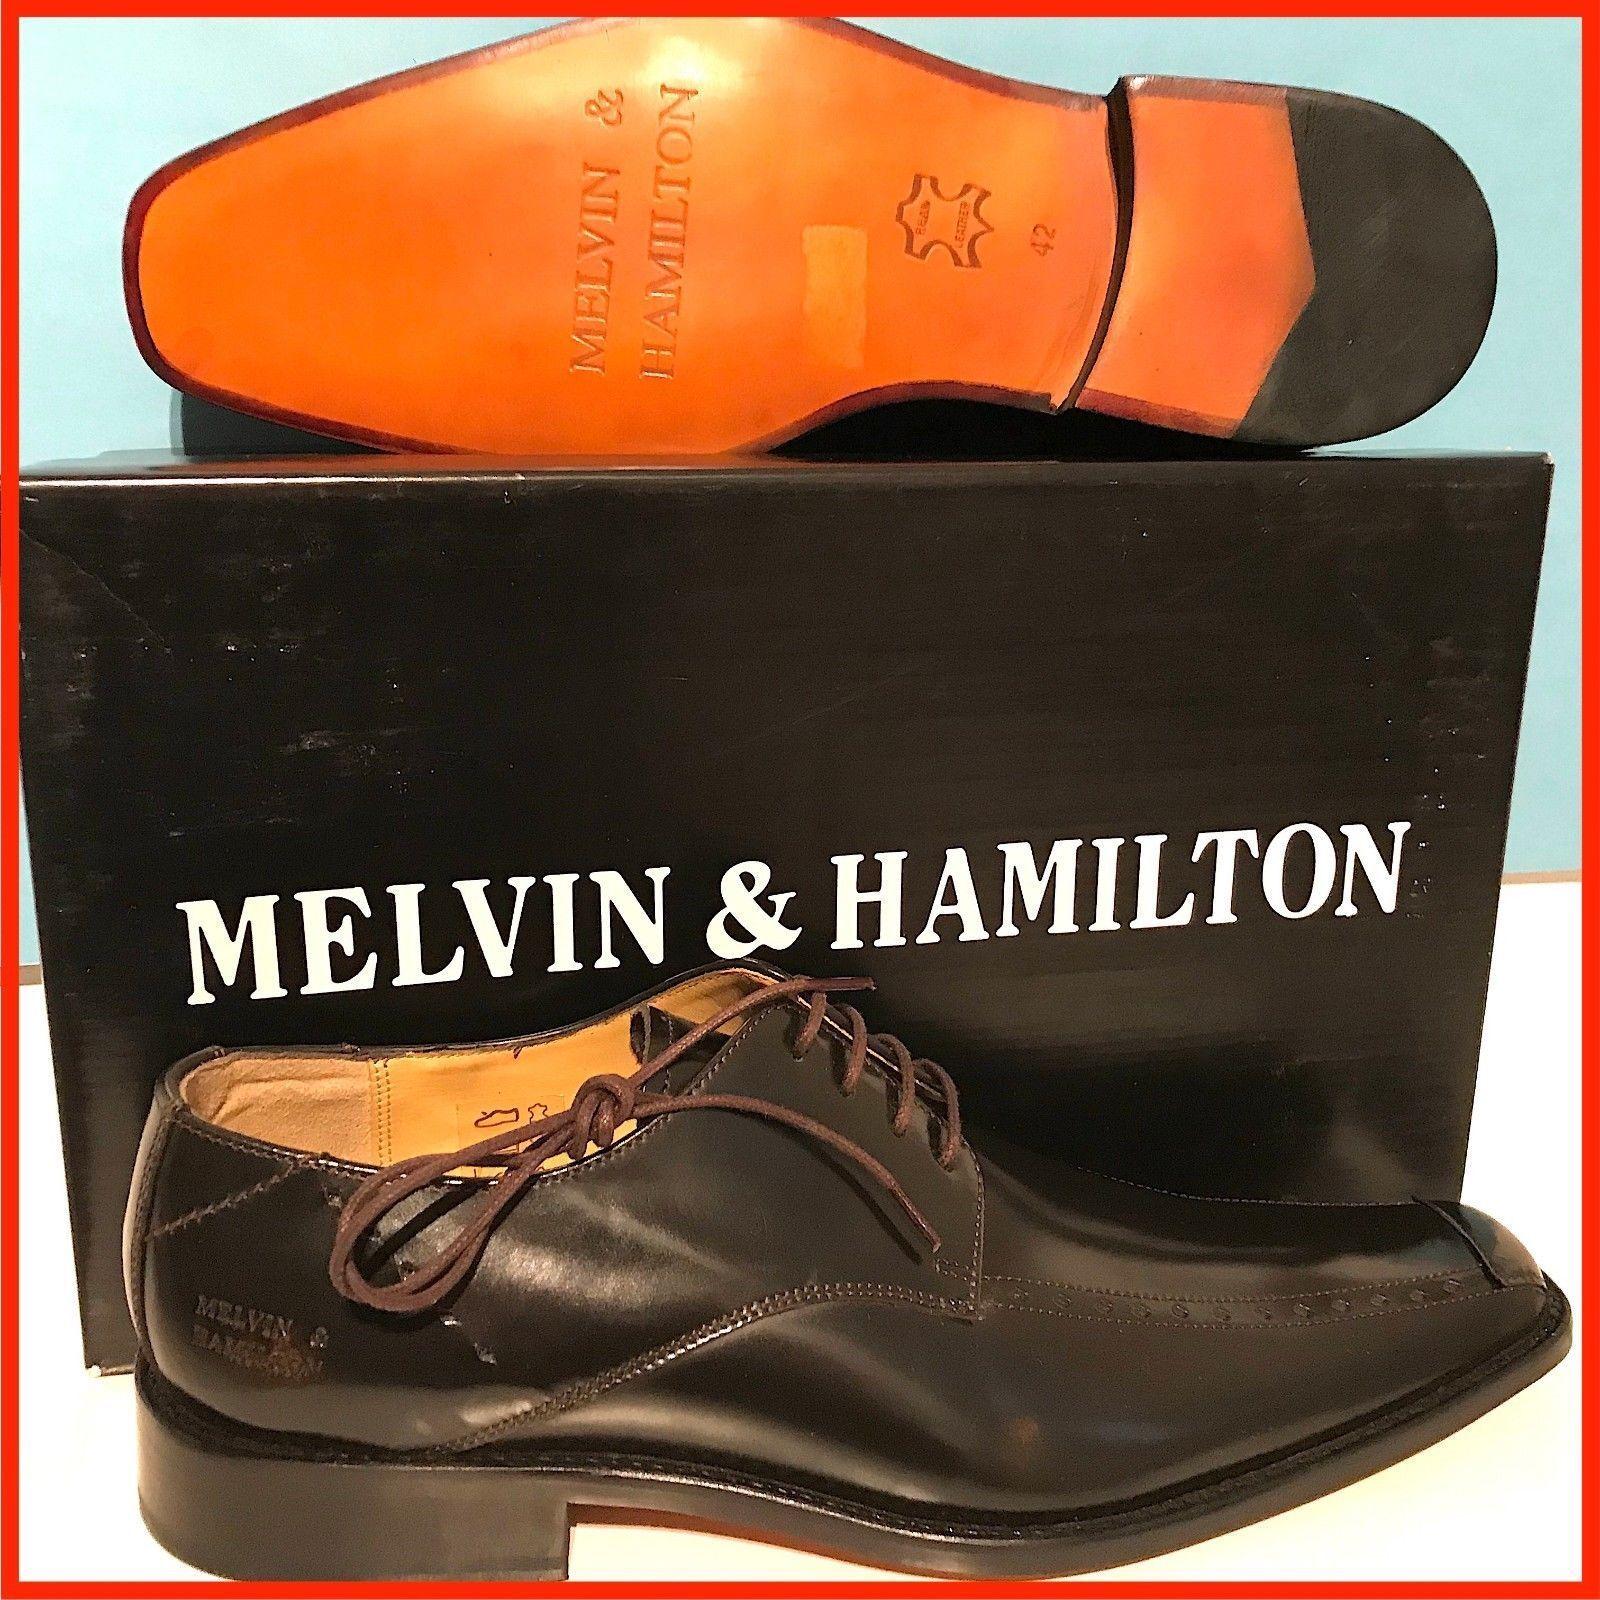 MELVIN & HAMILTON MEN HALBSCHUHE BUSINESS SCHNÜRSCHUHE SCHUHE BRAUN RARE GR. 42